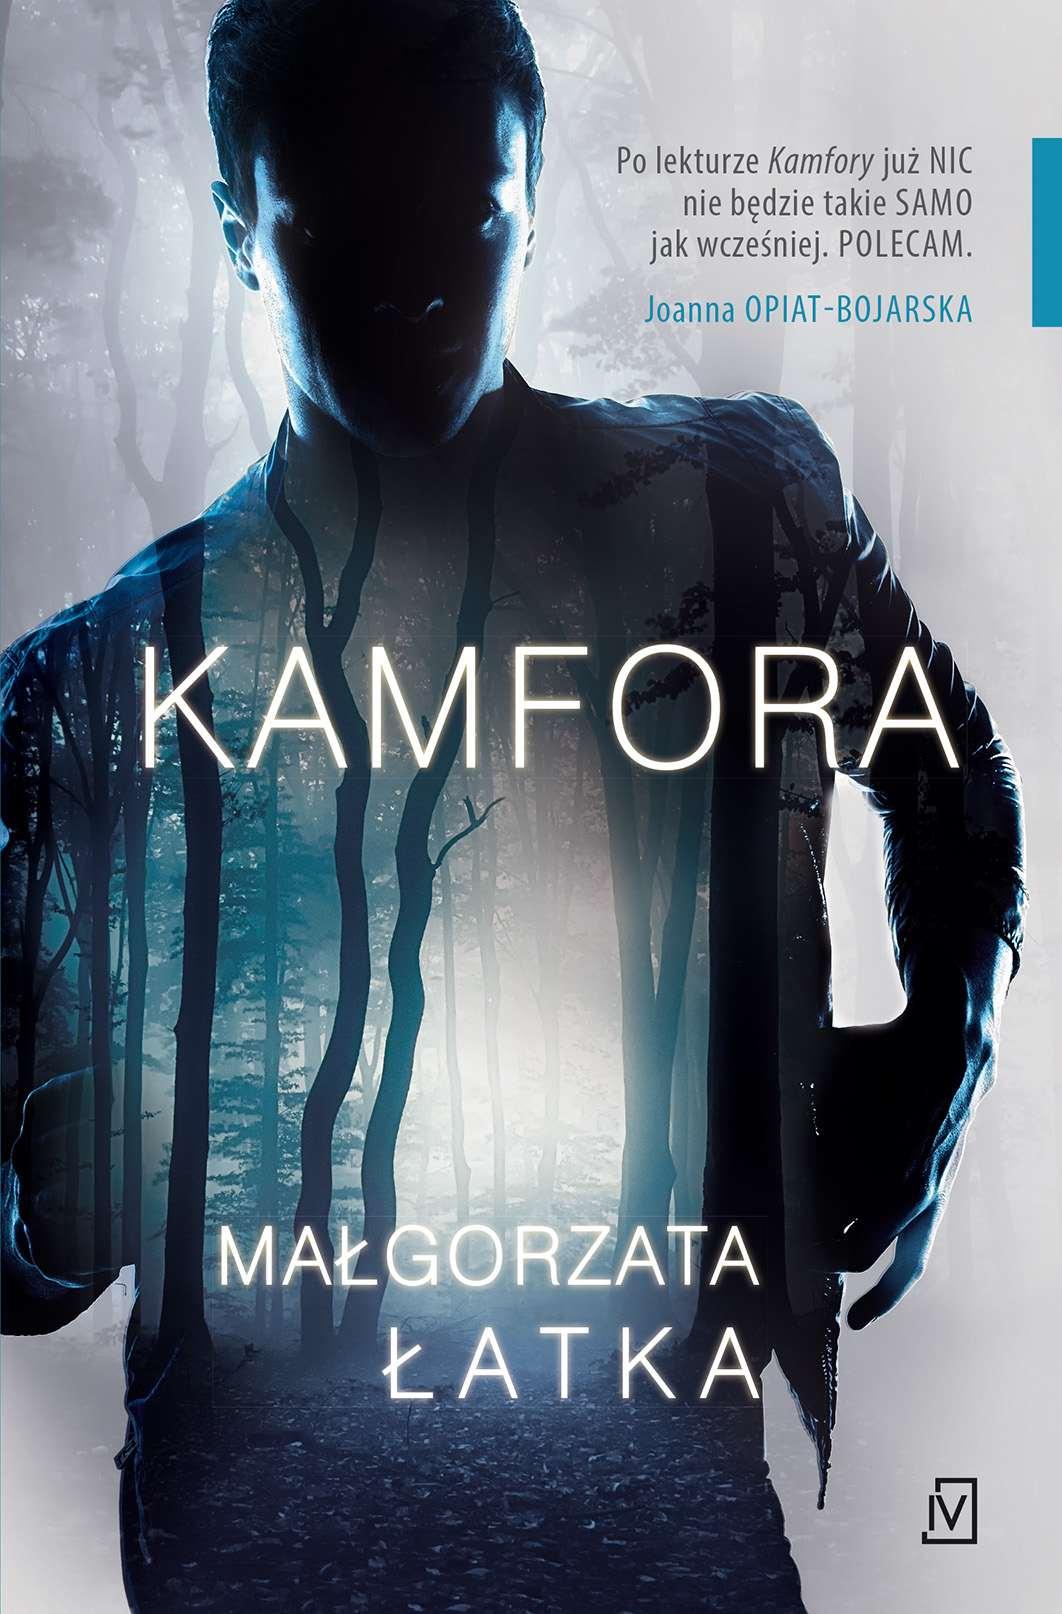 Kamfora - Ebook (Książka EPUB) do pobrania w formacie EPUB